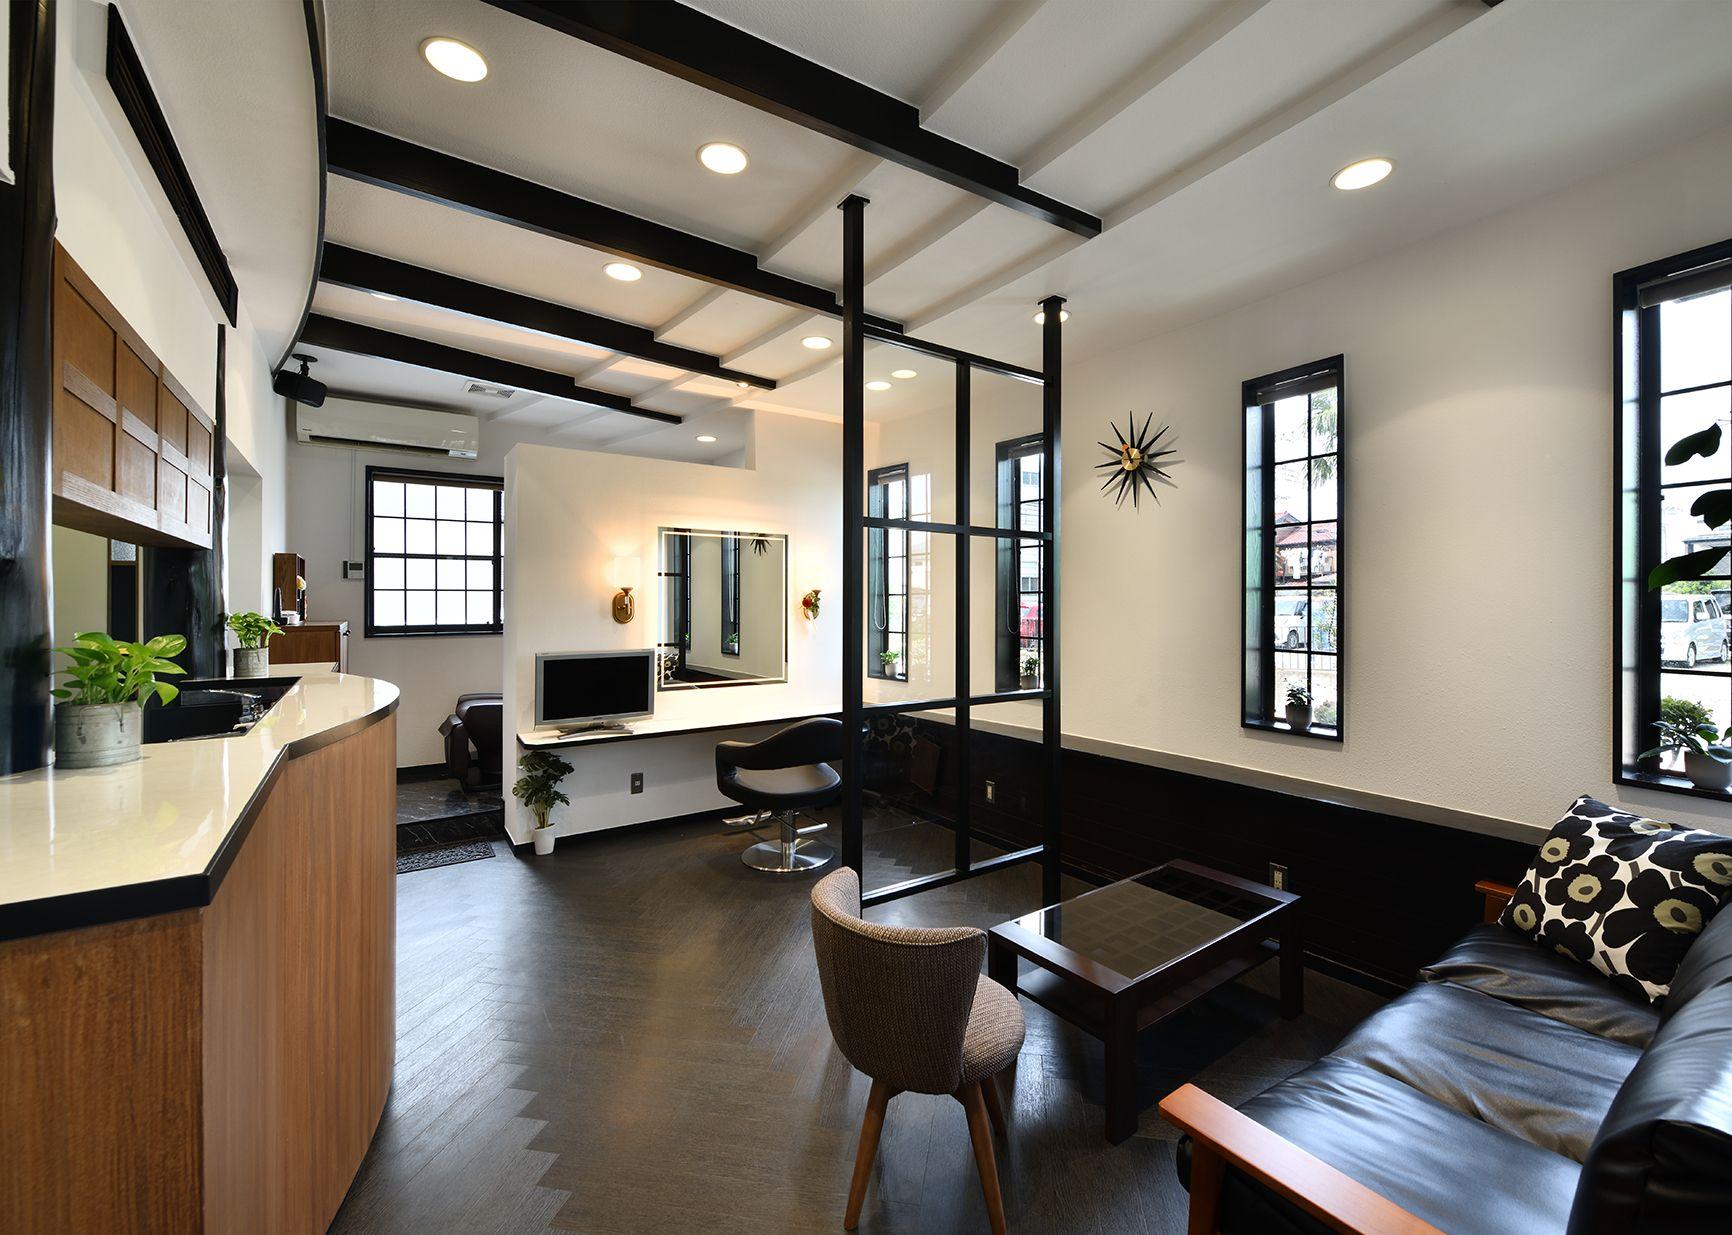 髪工房千家|設計・デザイン実績|WHATS Inc./株式会社ワッツ|美容室サロンの設計・内装・デザイン